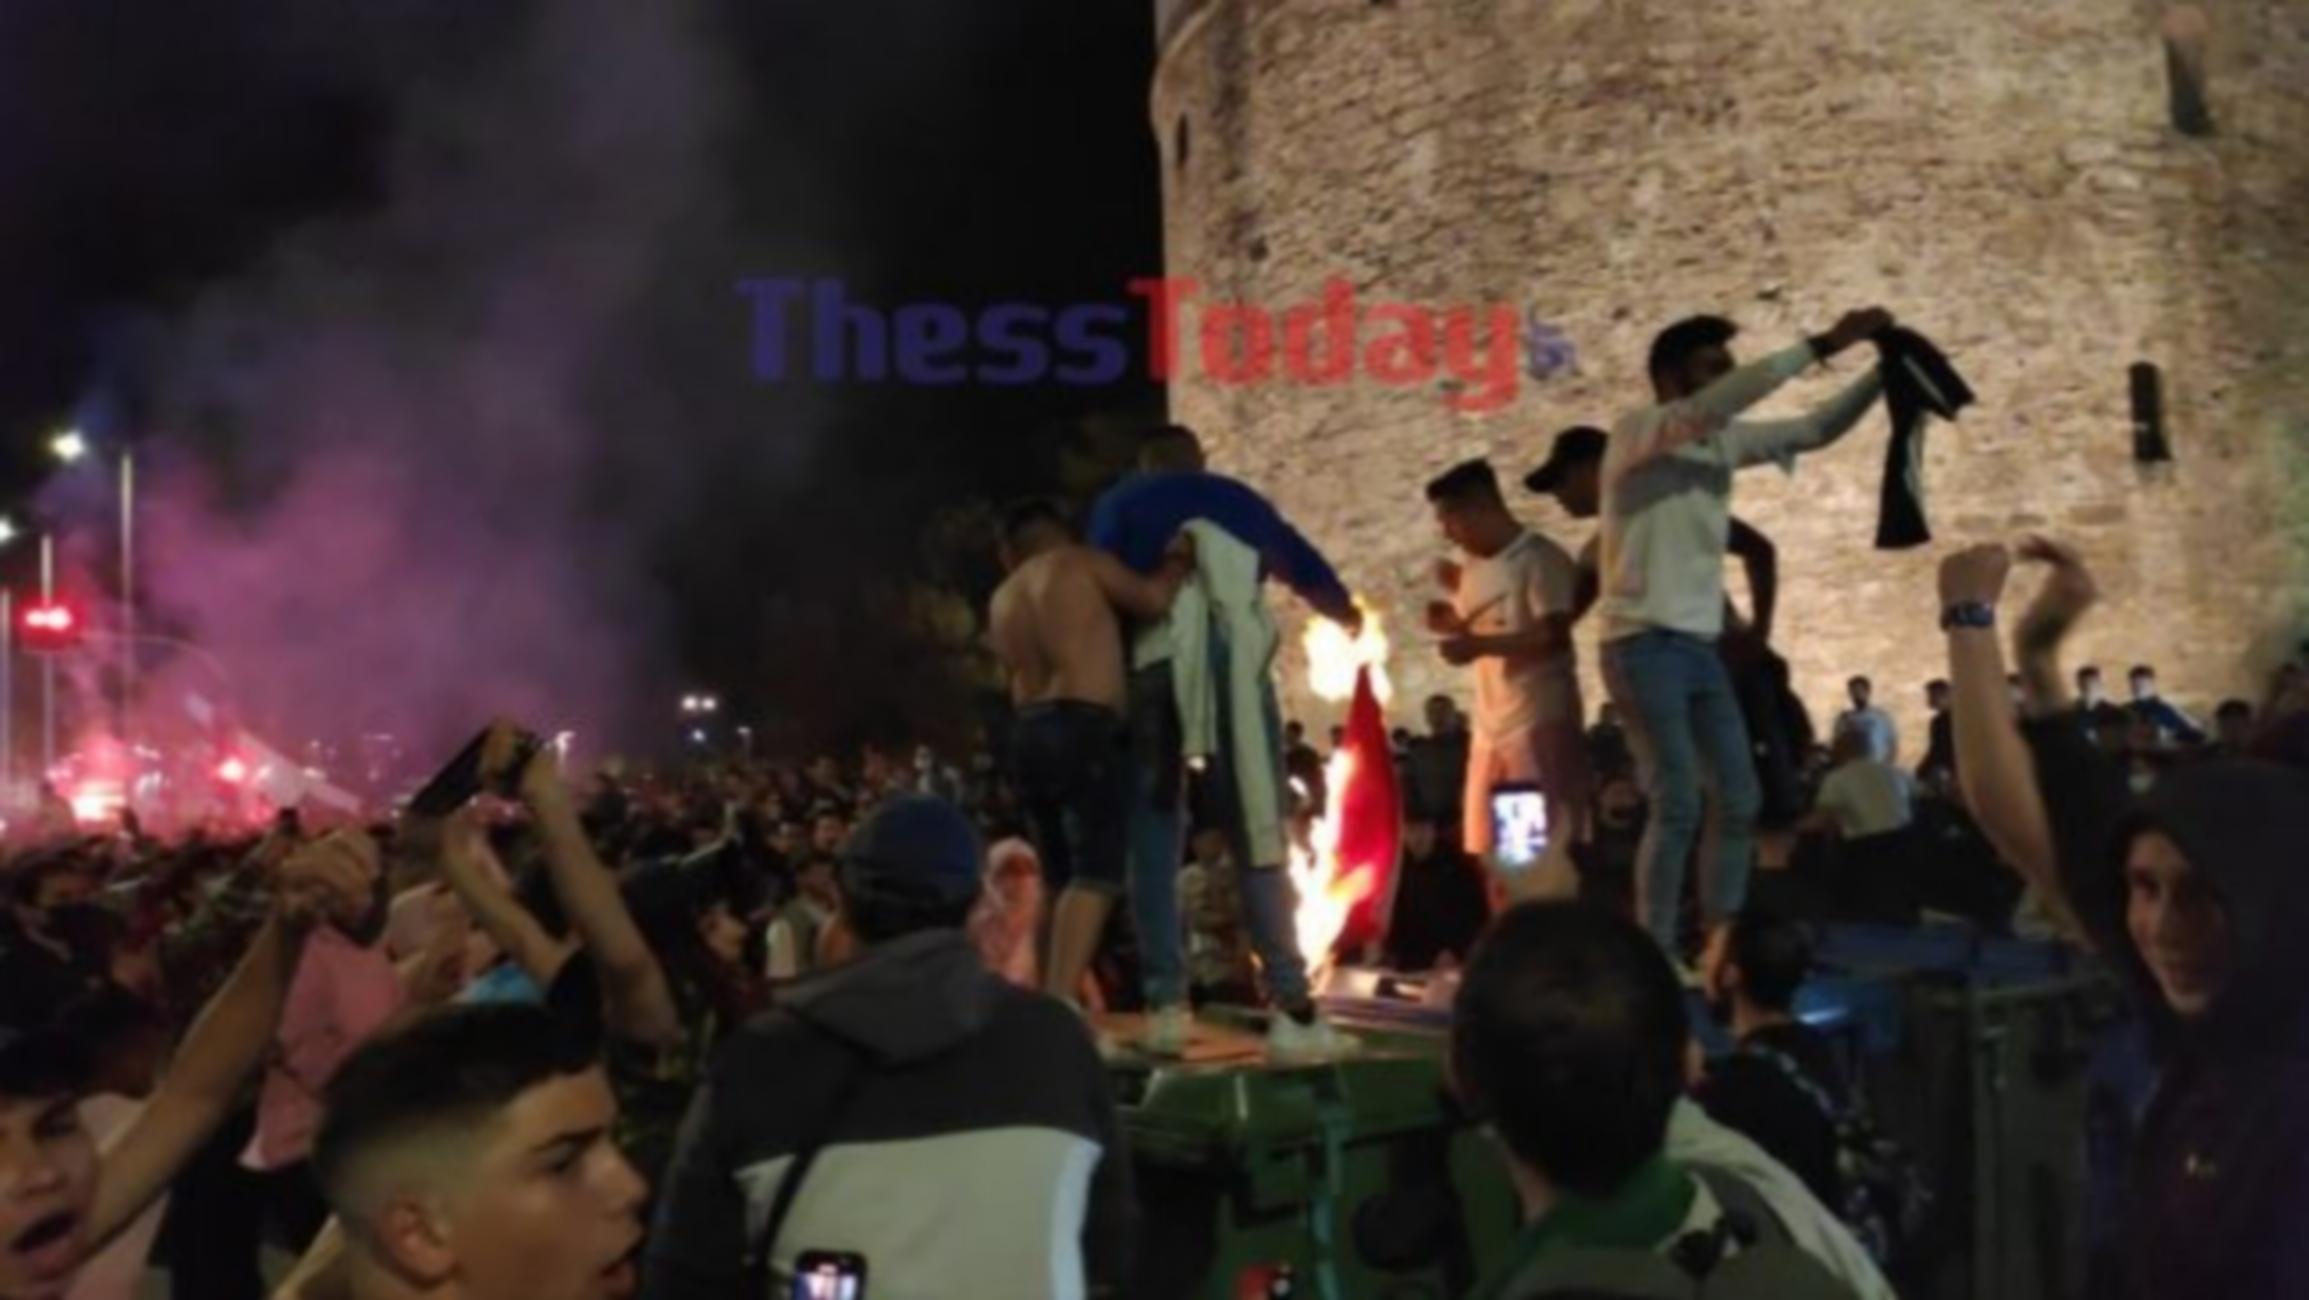 ΠΑΟΚ: Έκαψαν σημαία του Ολυμπιακού οι οπαδοί του «Δικεφάλου»